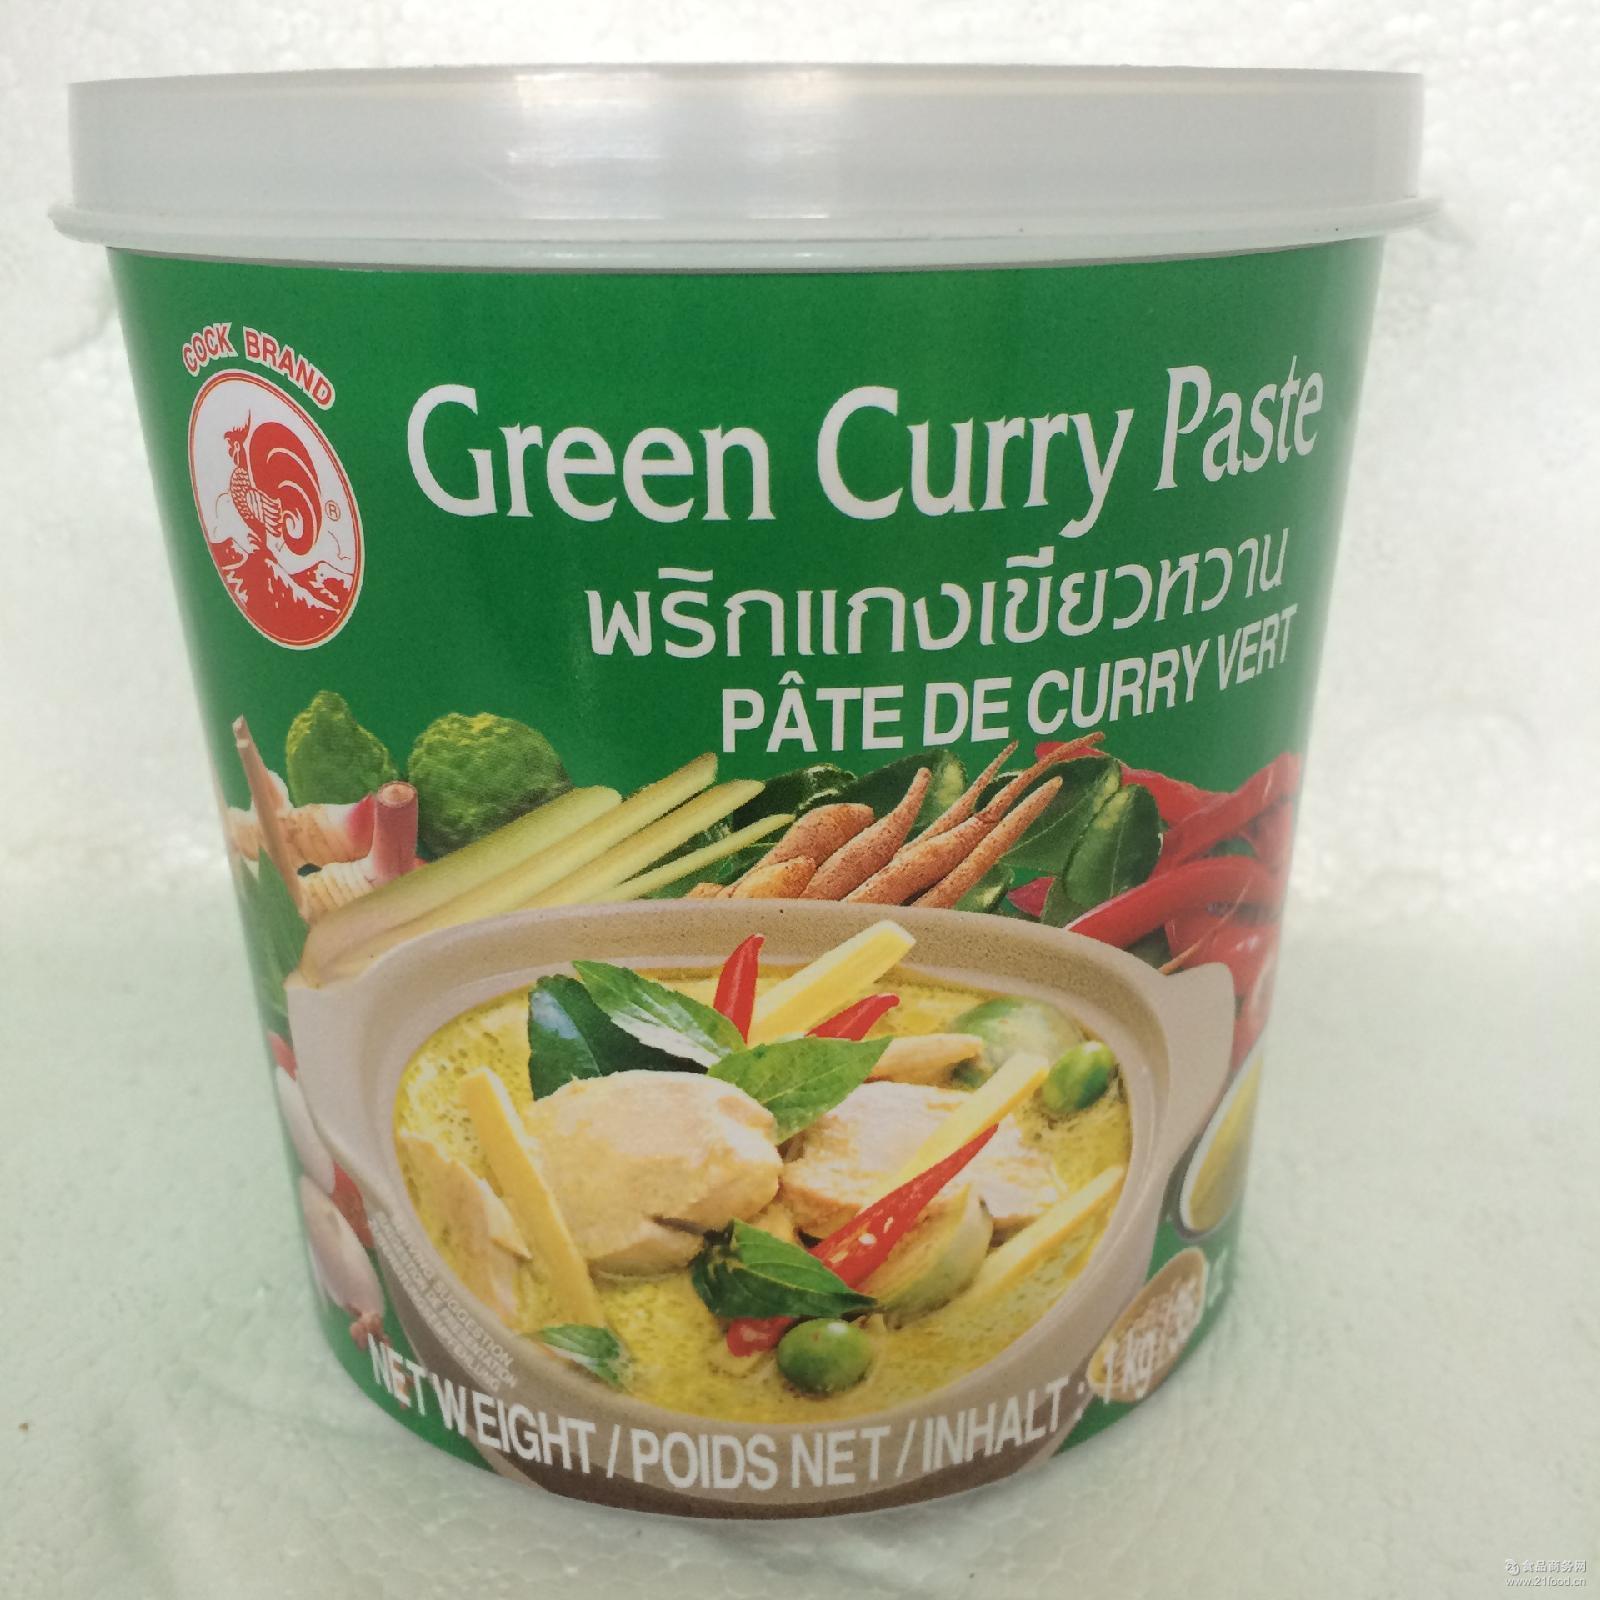 1kg*12瓶/箱 咖喱膏 鸡牌黄咖喱酱 咖喱酱 泰式咖喱酱 泰国黄咖喱